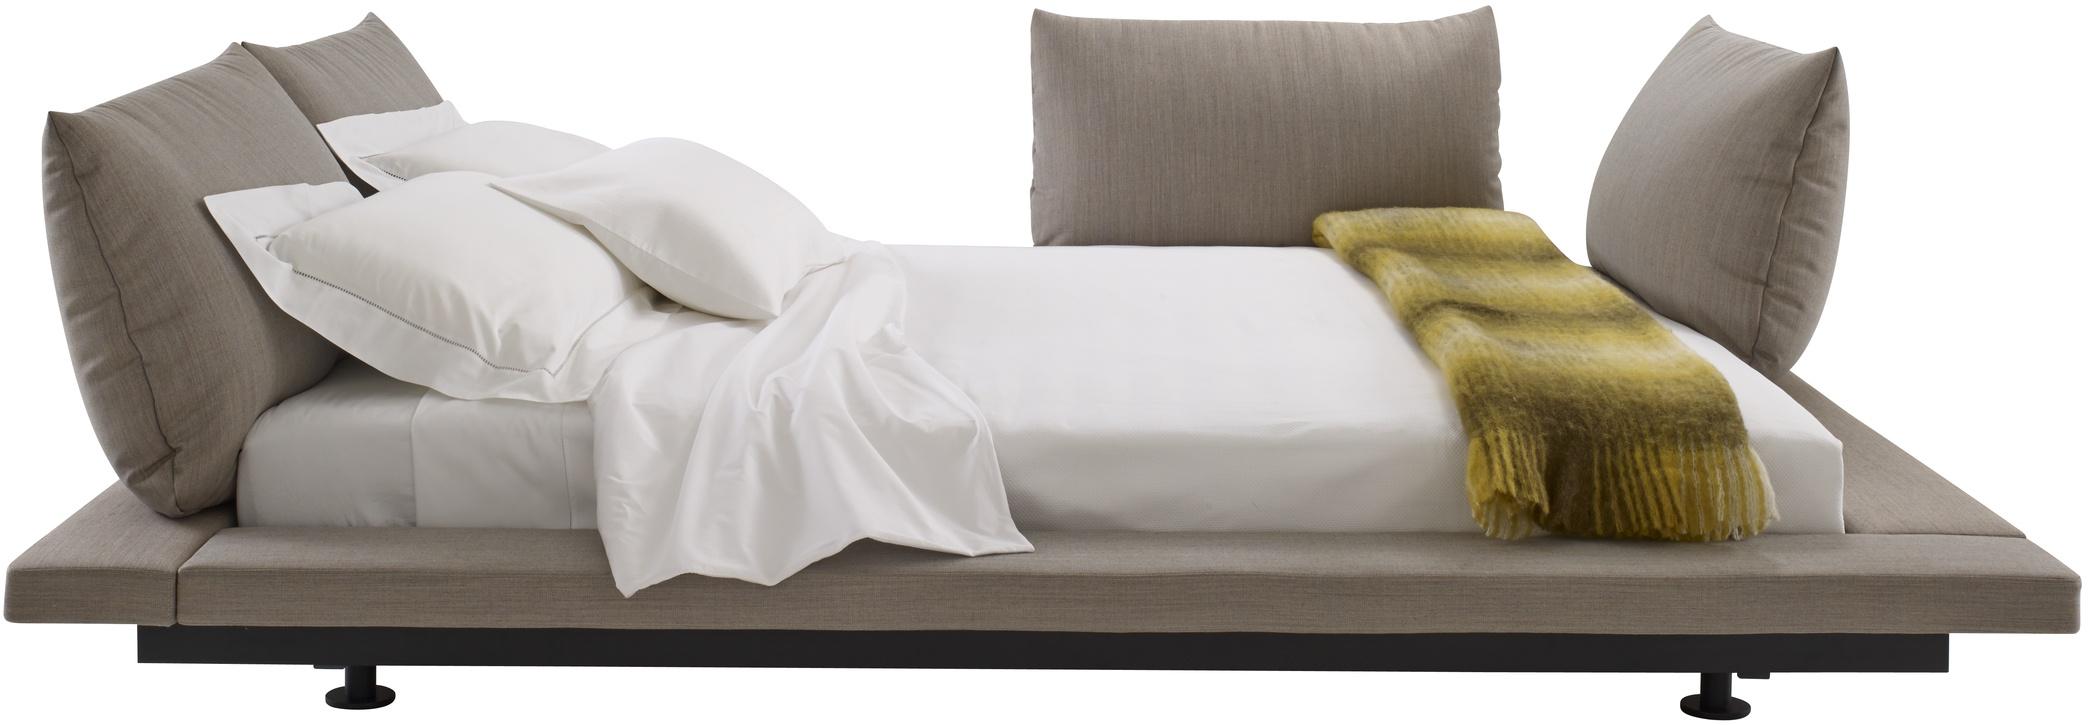 peter maly 2 betten designer peter maly ligne roset. Black Bedroom Furniture Sets. Home Design Ideas